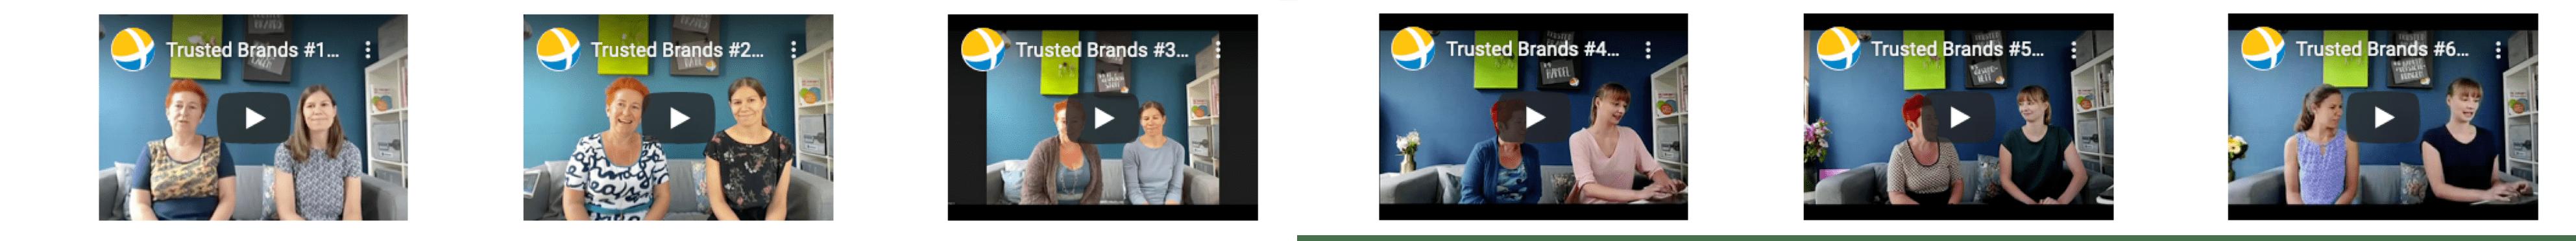 Teaser Videoaufzeichnungen zu den vertrauenswürdigsten Marken 2020